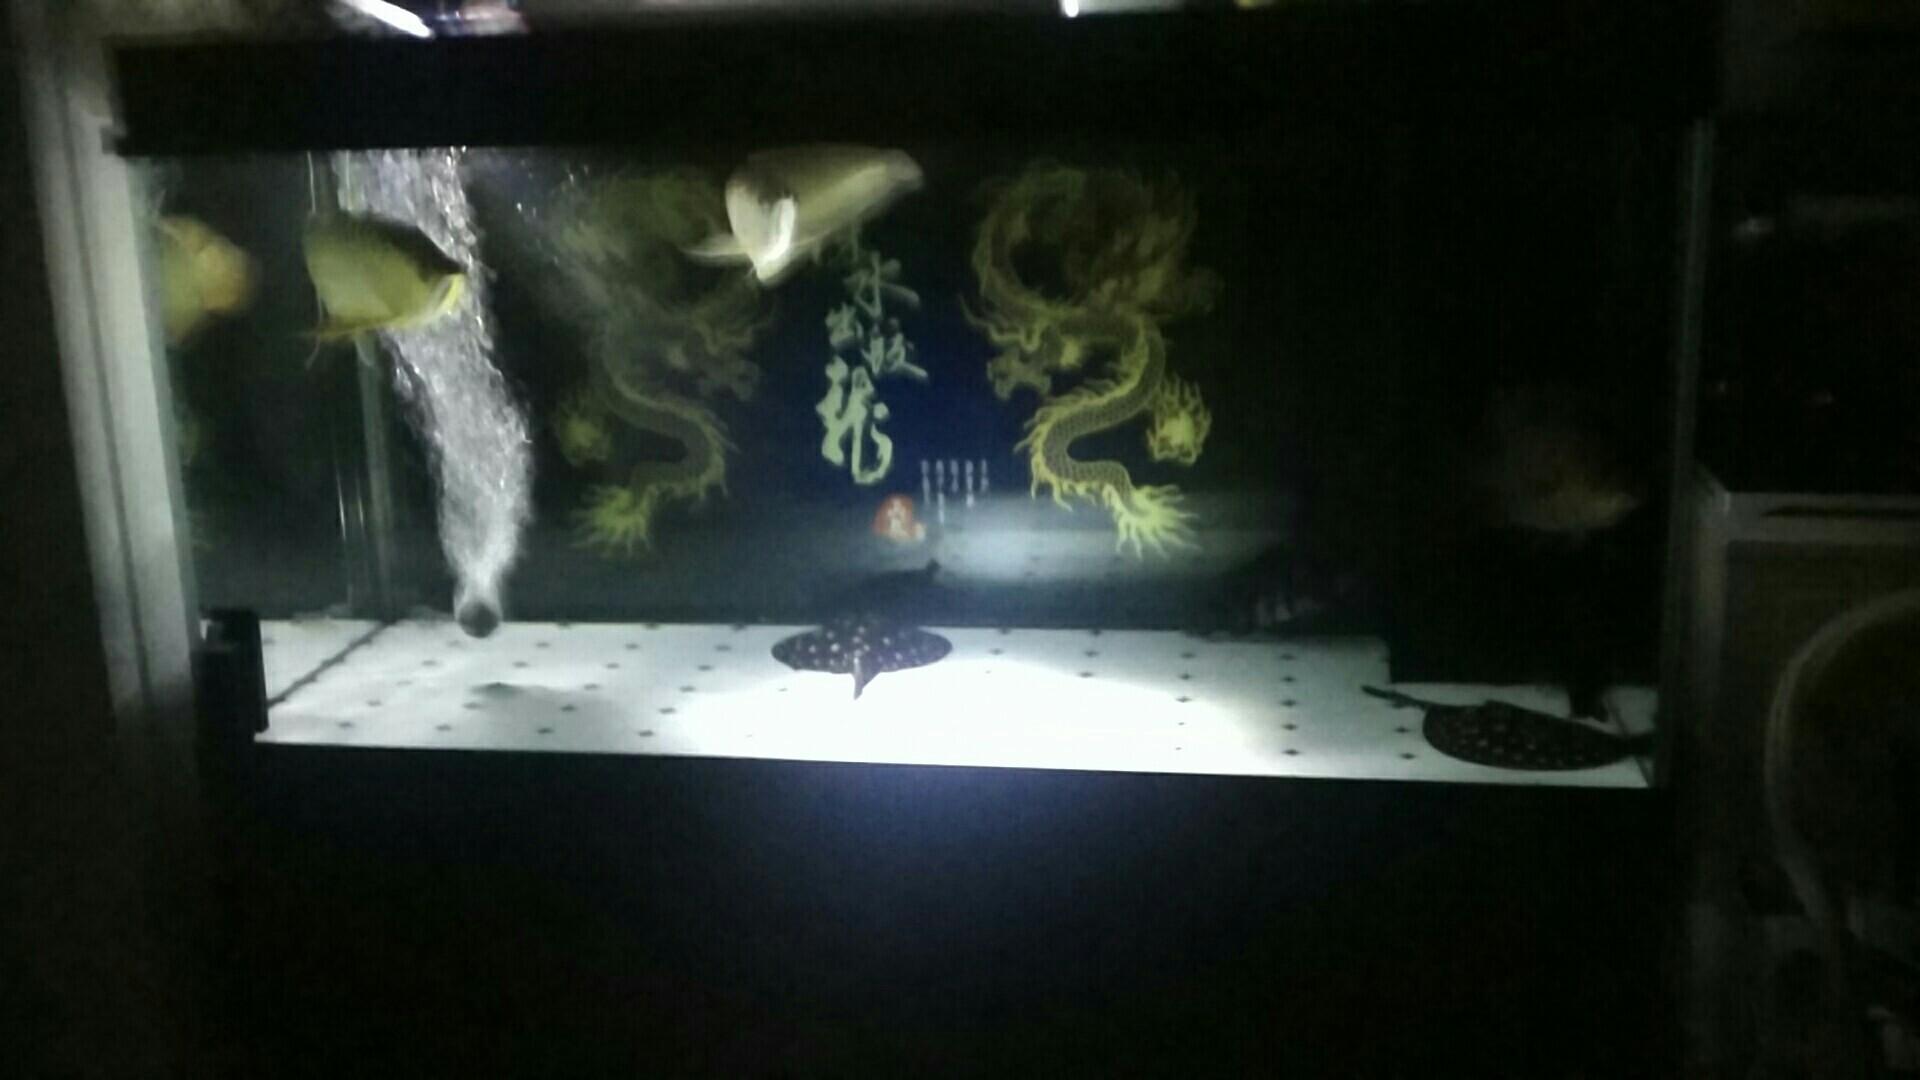 小夜灯还是很给力 绵阳龙鱼论坛